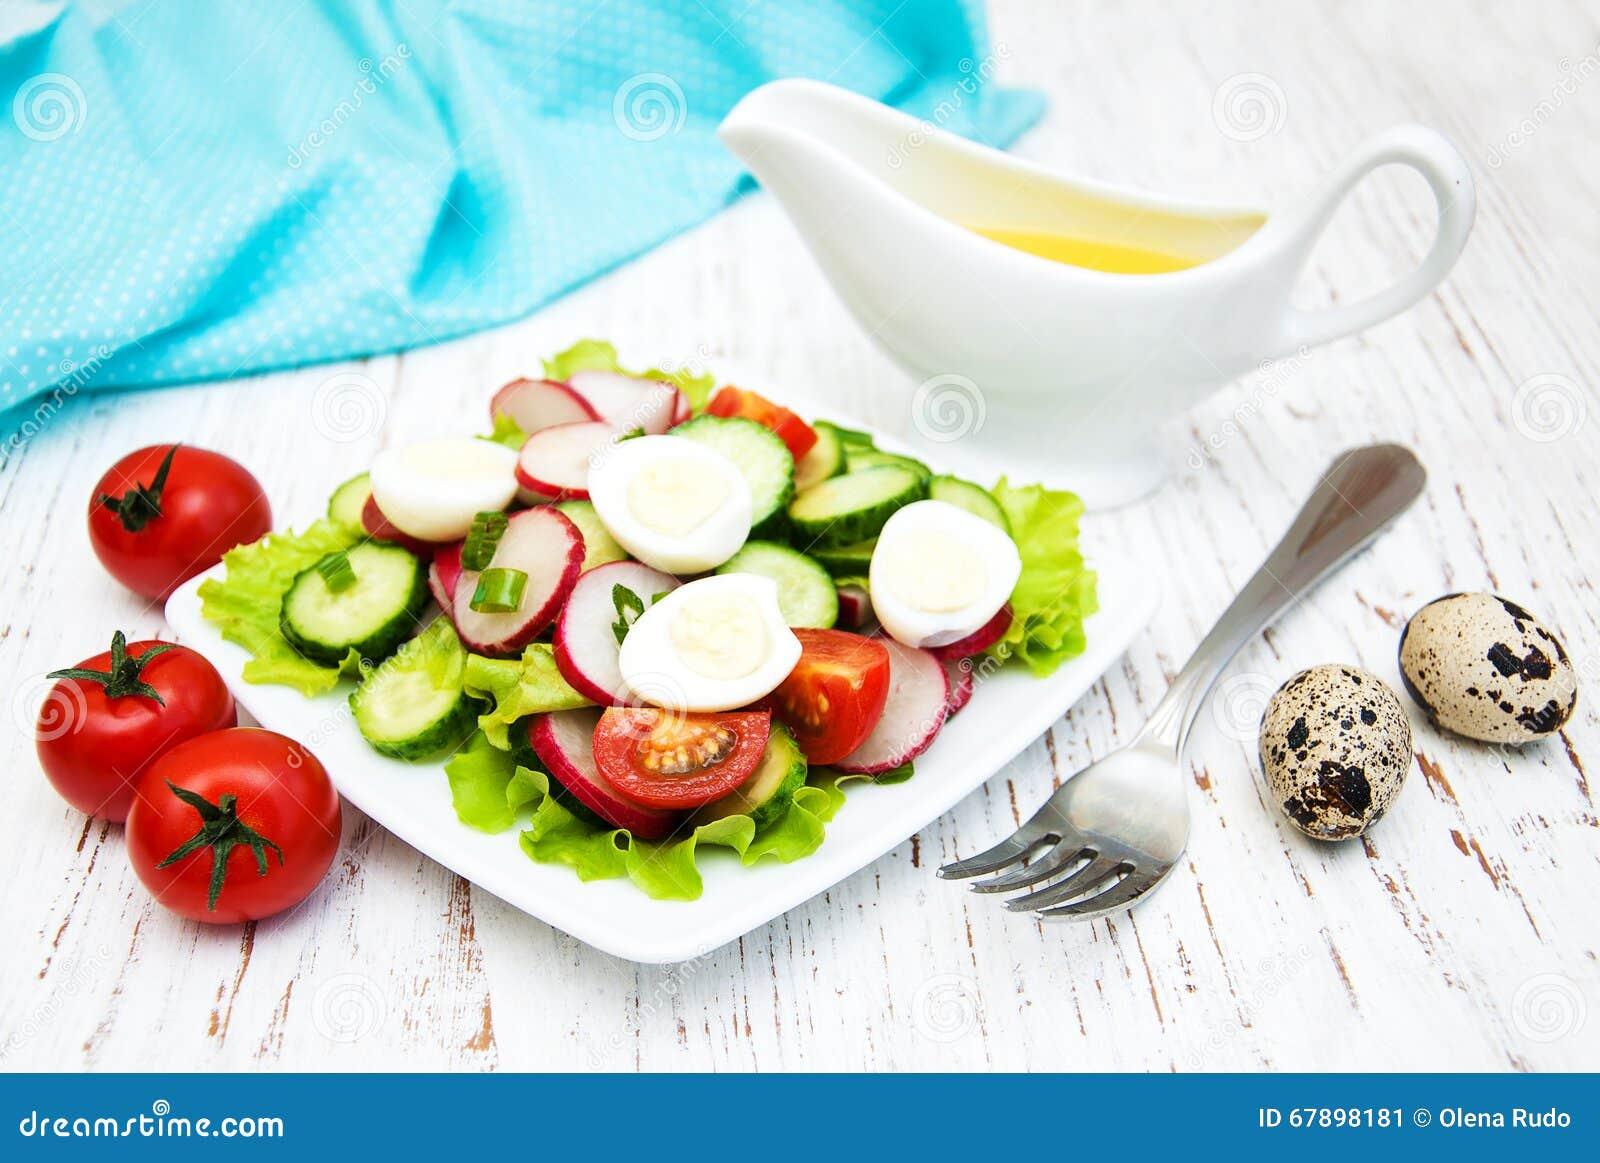 春天沙拉用鸡蛋、黄瓜和萝卜